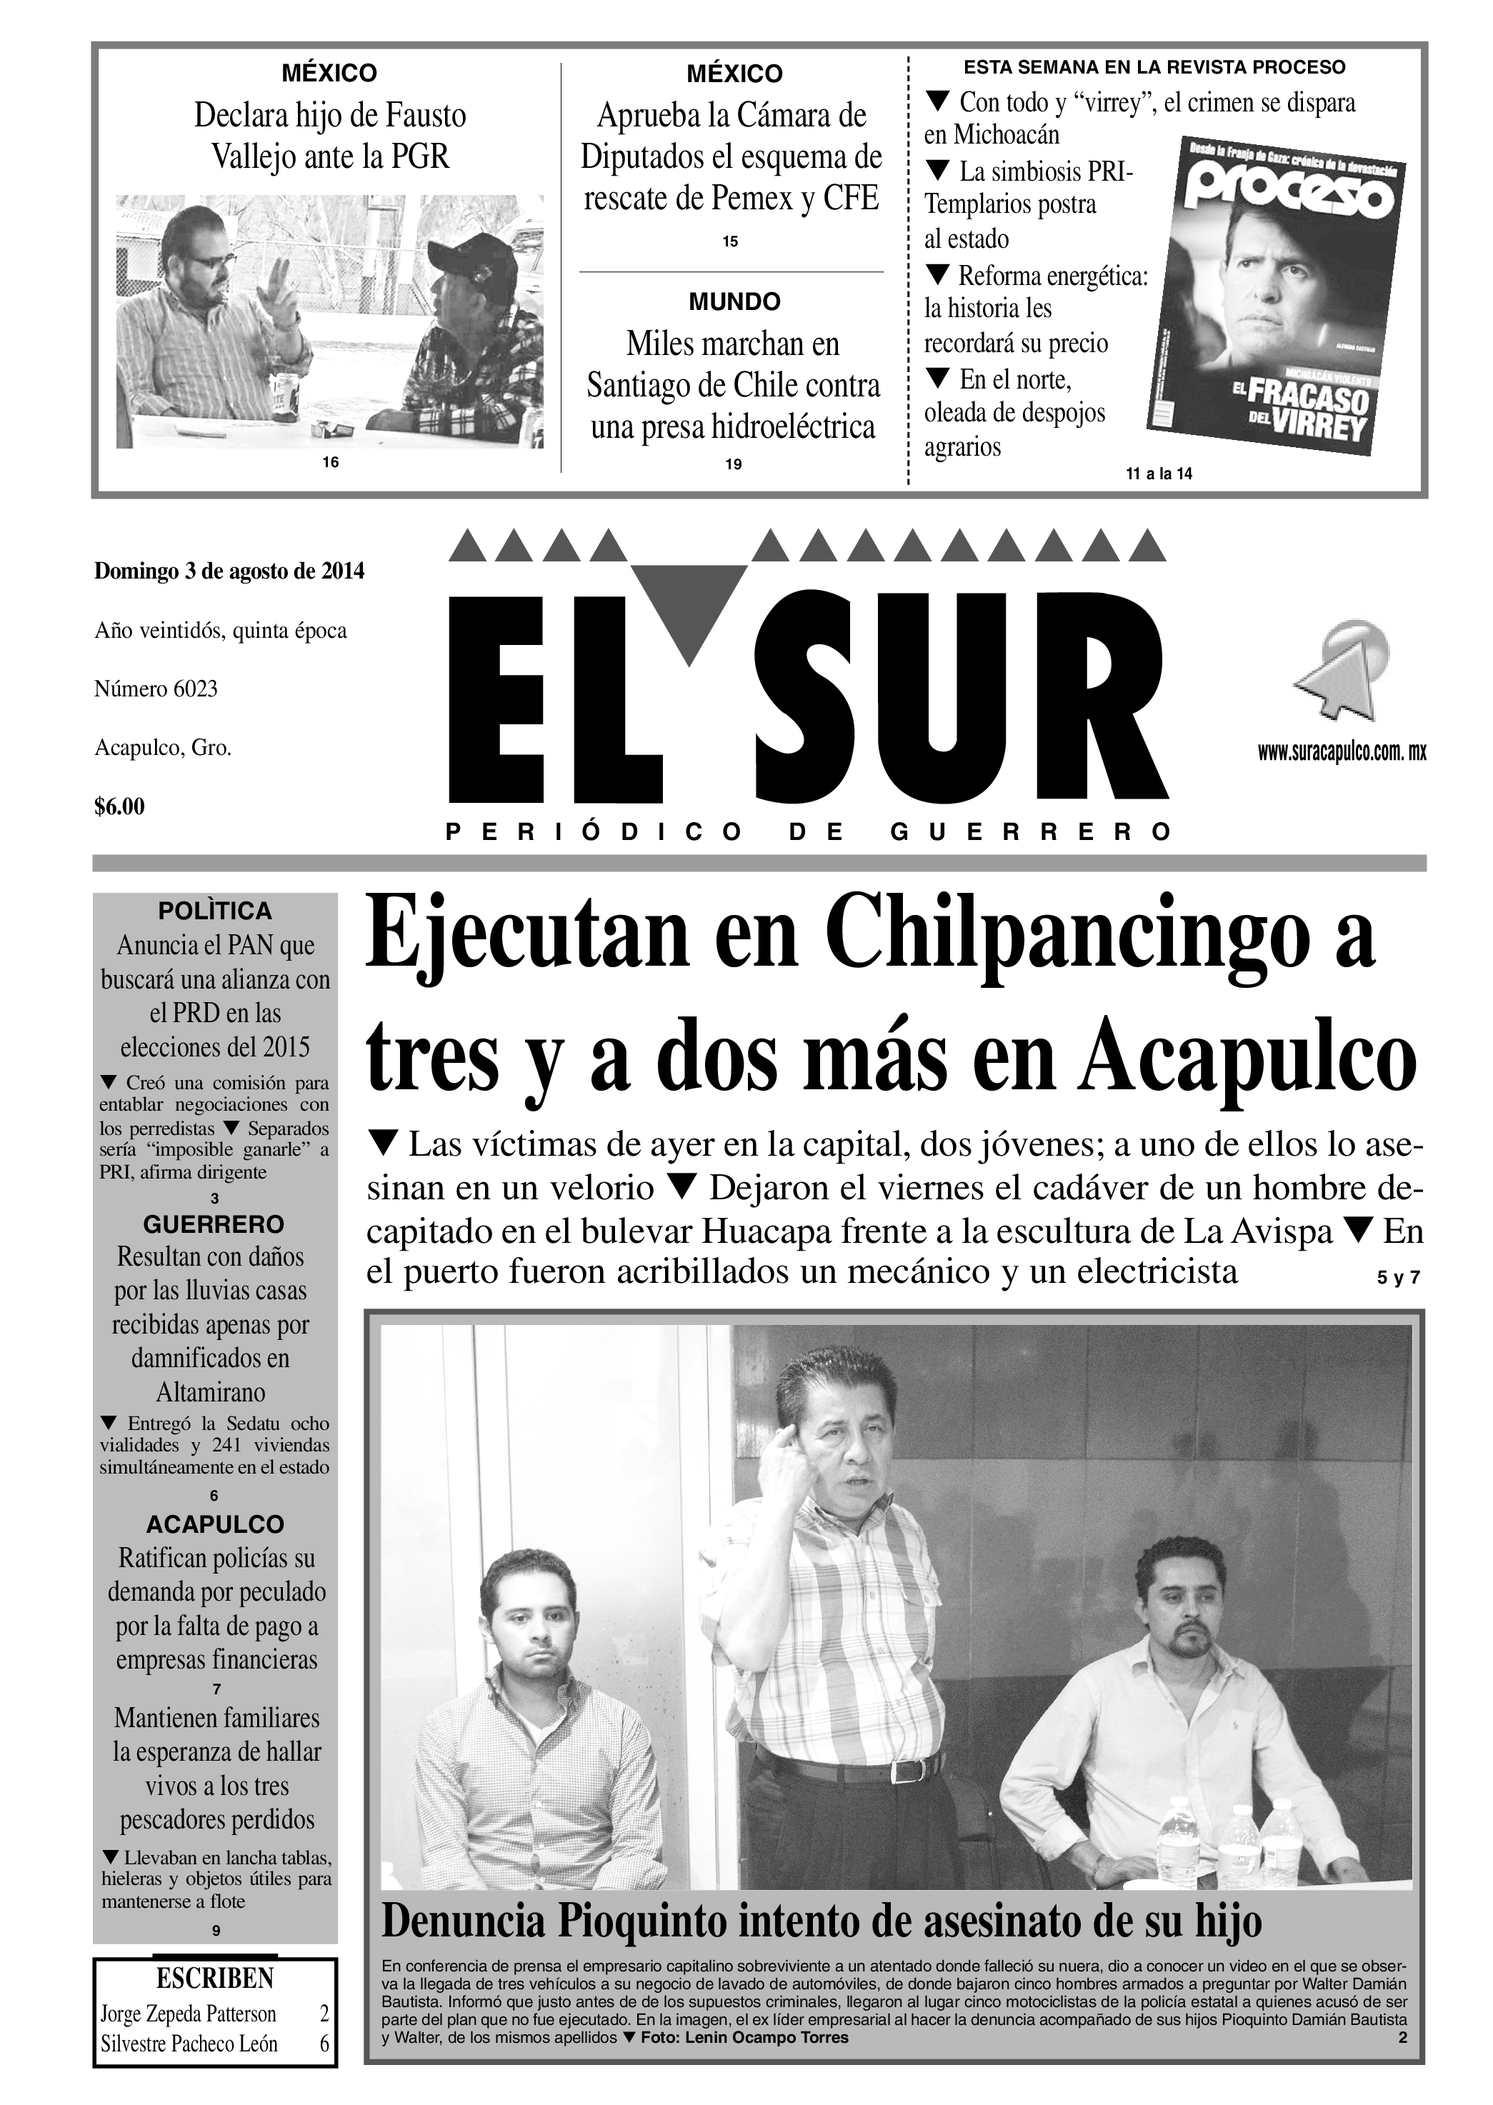 Calaméo - El Sur Domingo 03072014.pdf a1fdbcc469e